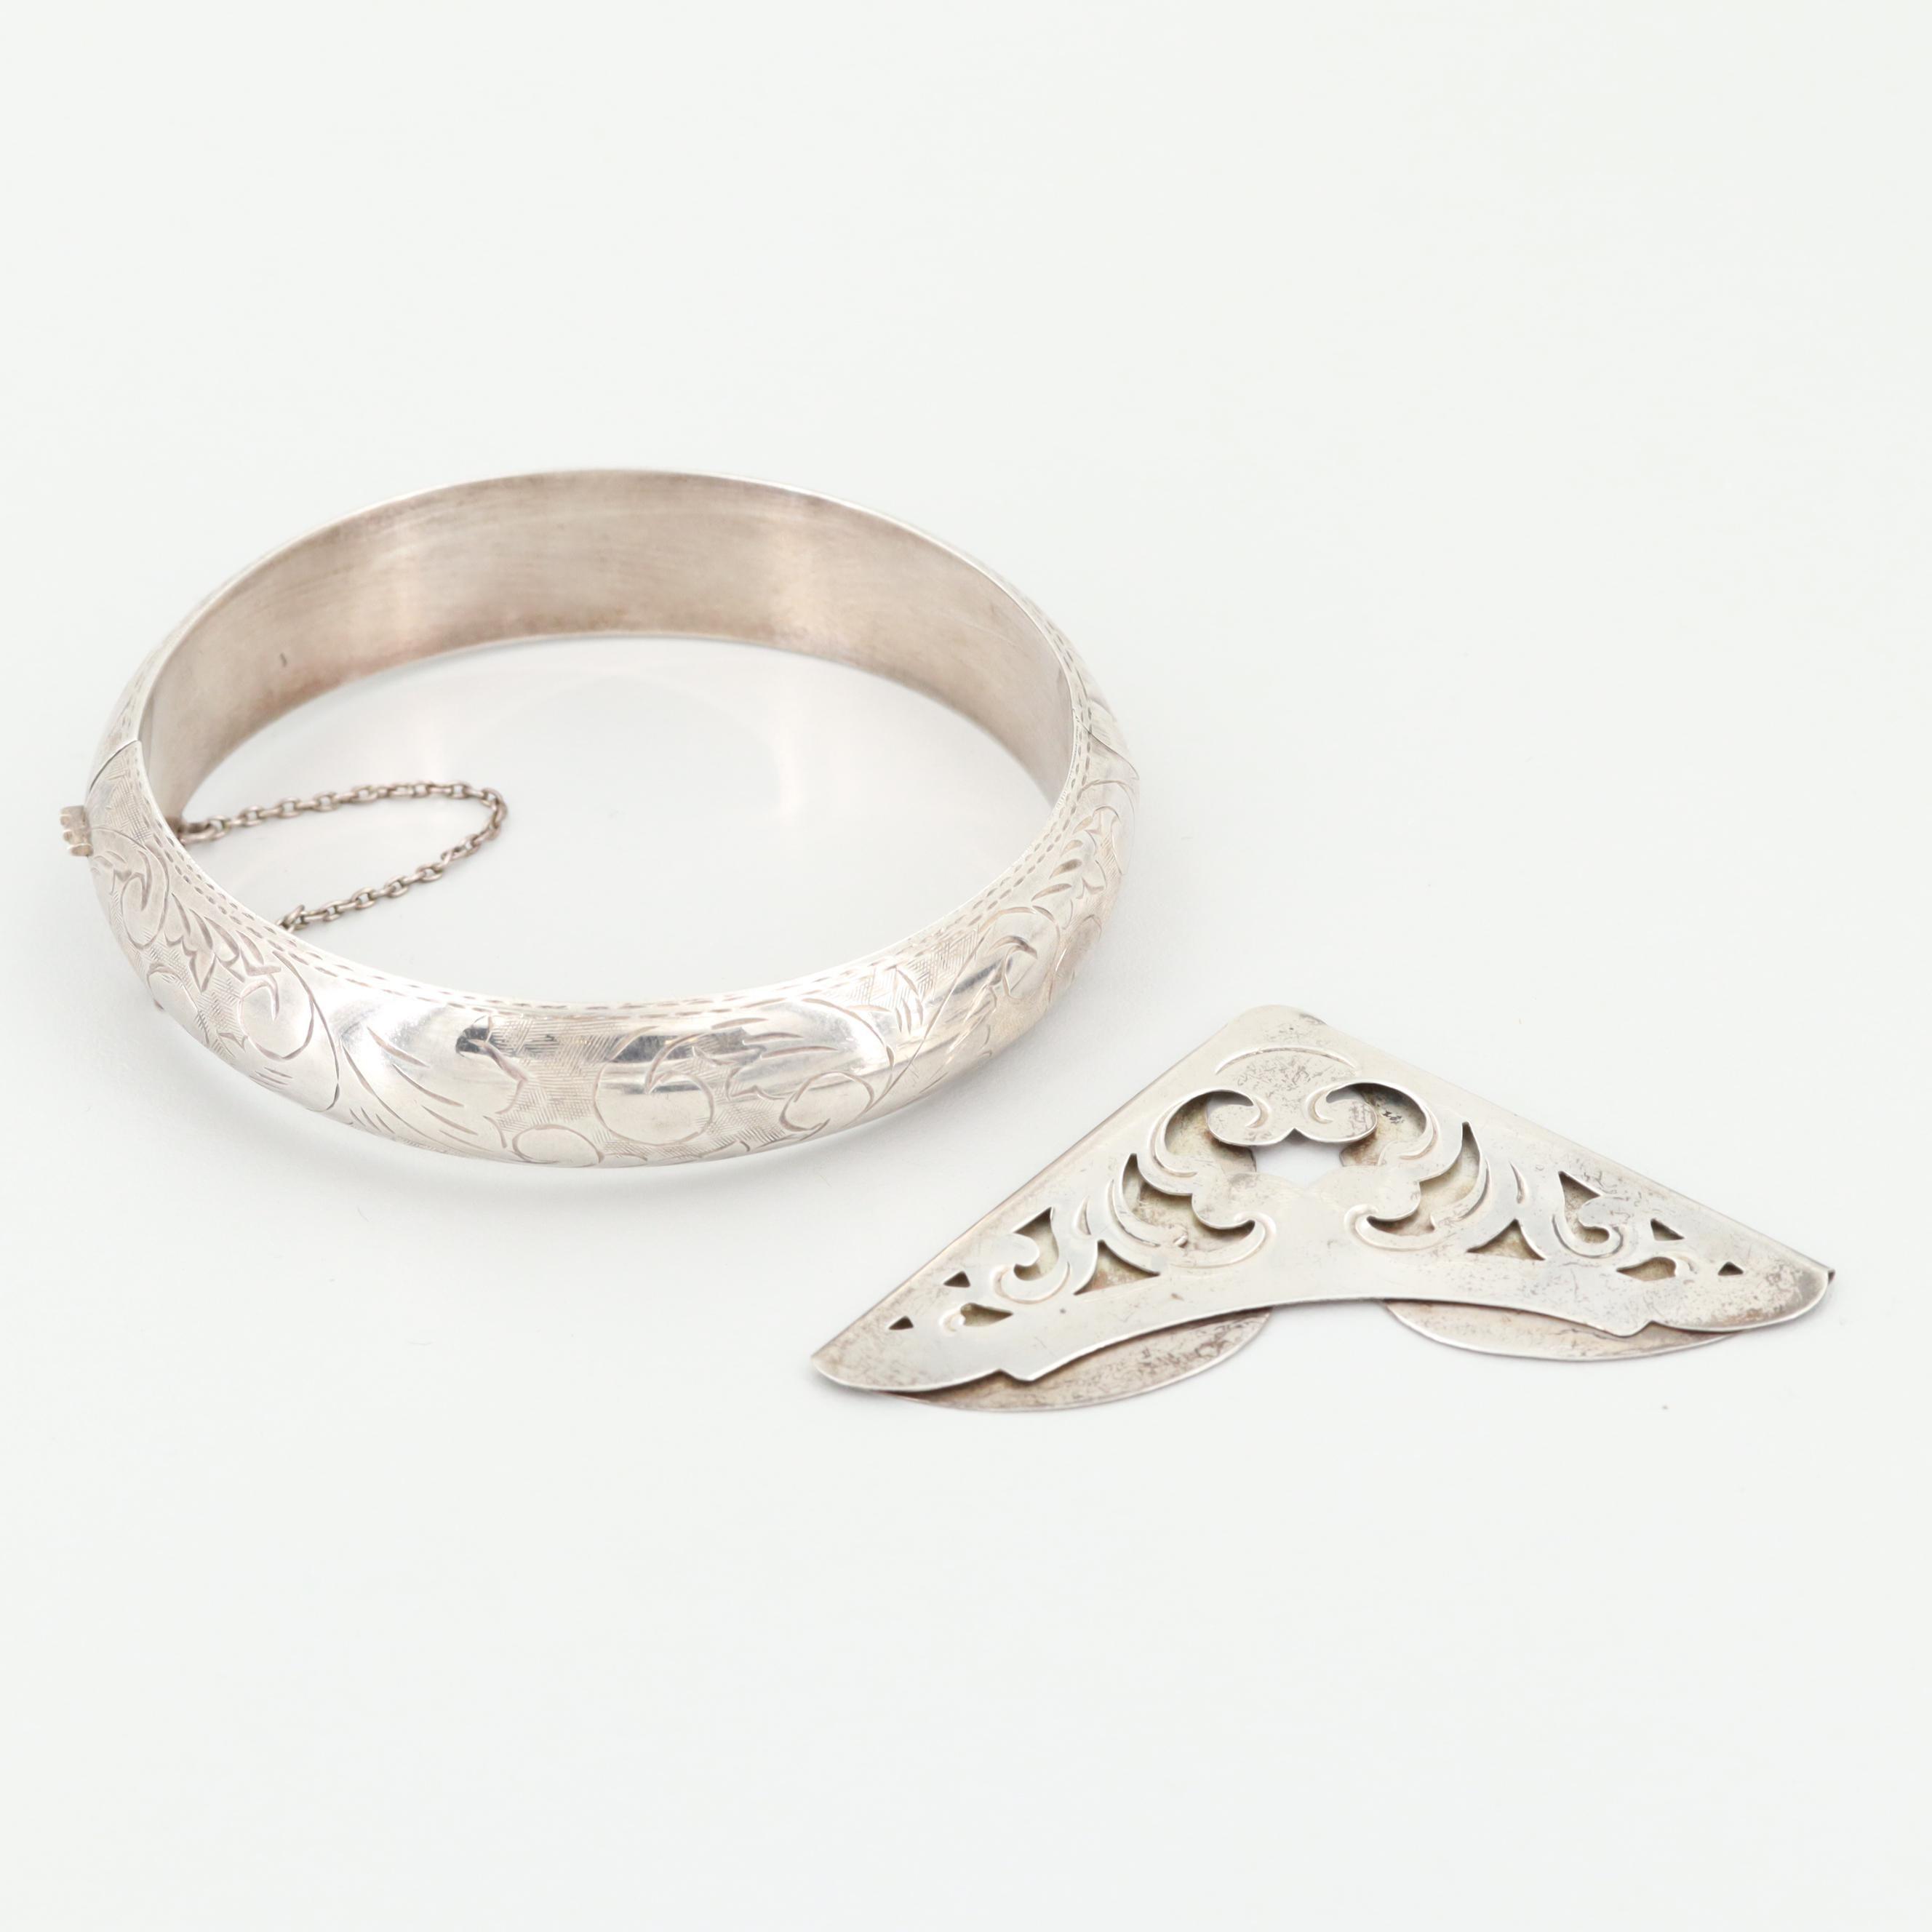 Vintage Etched Sterling Silver Bangle Bracelet and Page Marker